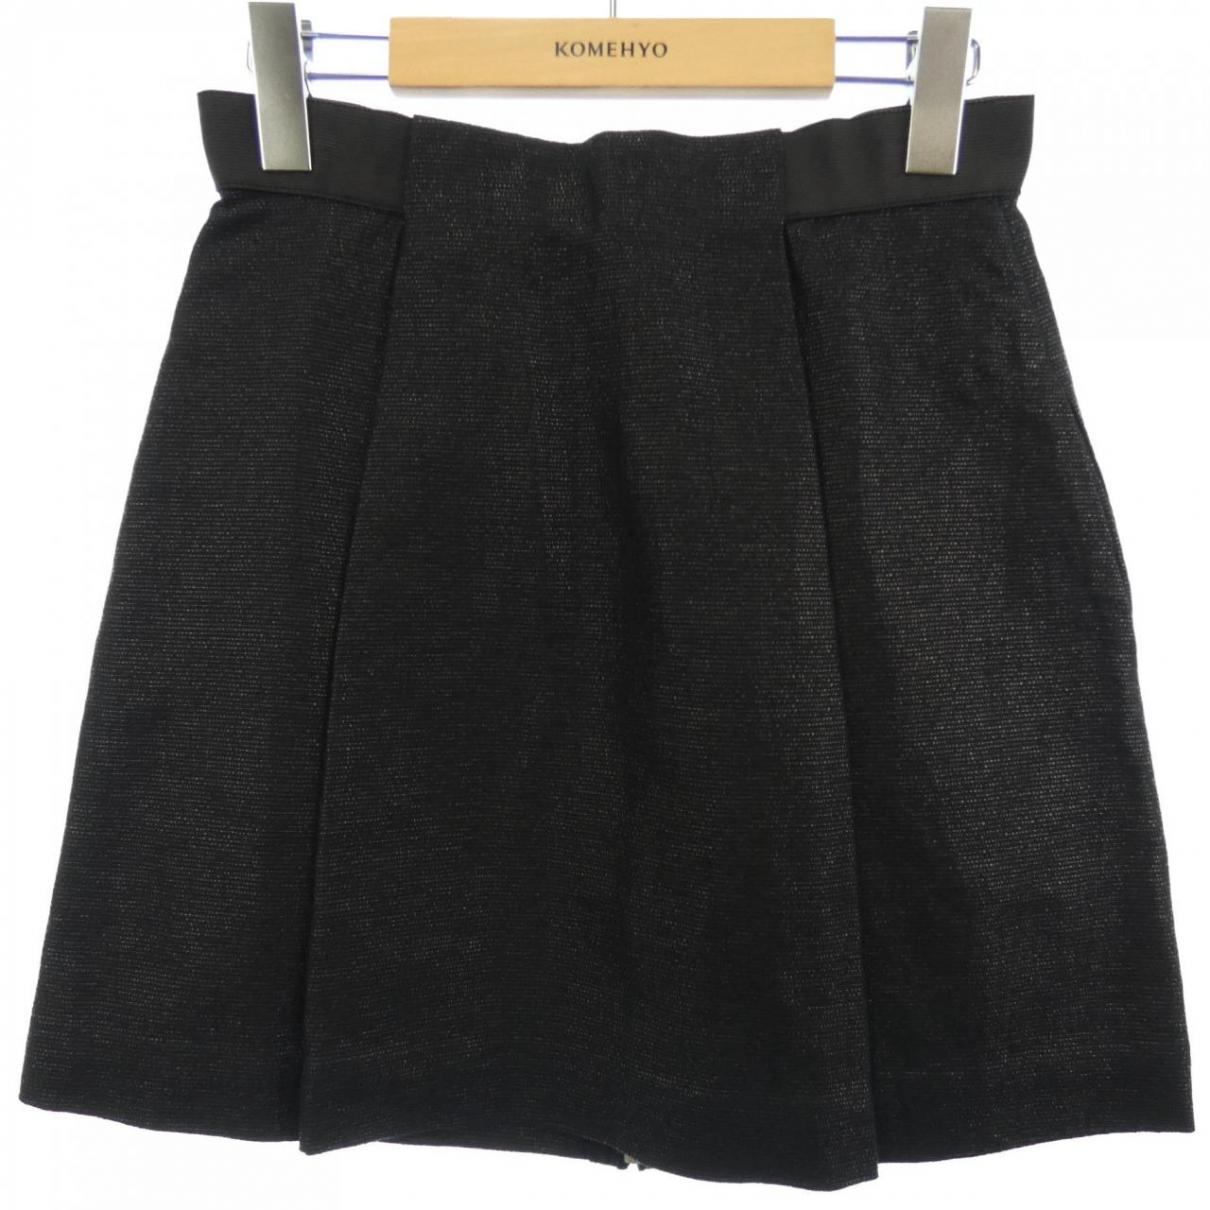 3.1 Phillip Lim \N Black Cotton skirt for Women 2 US